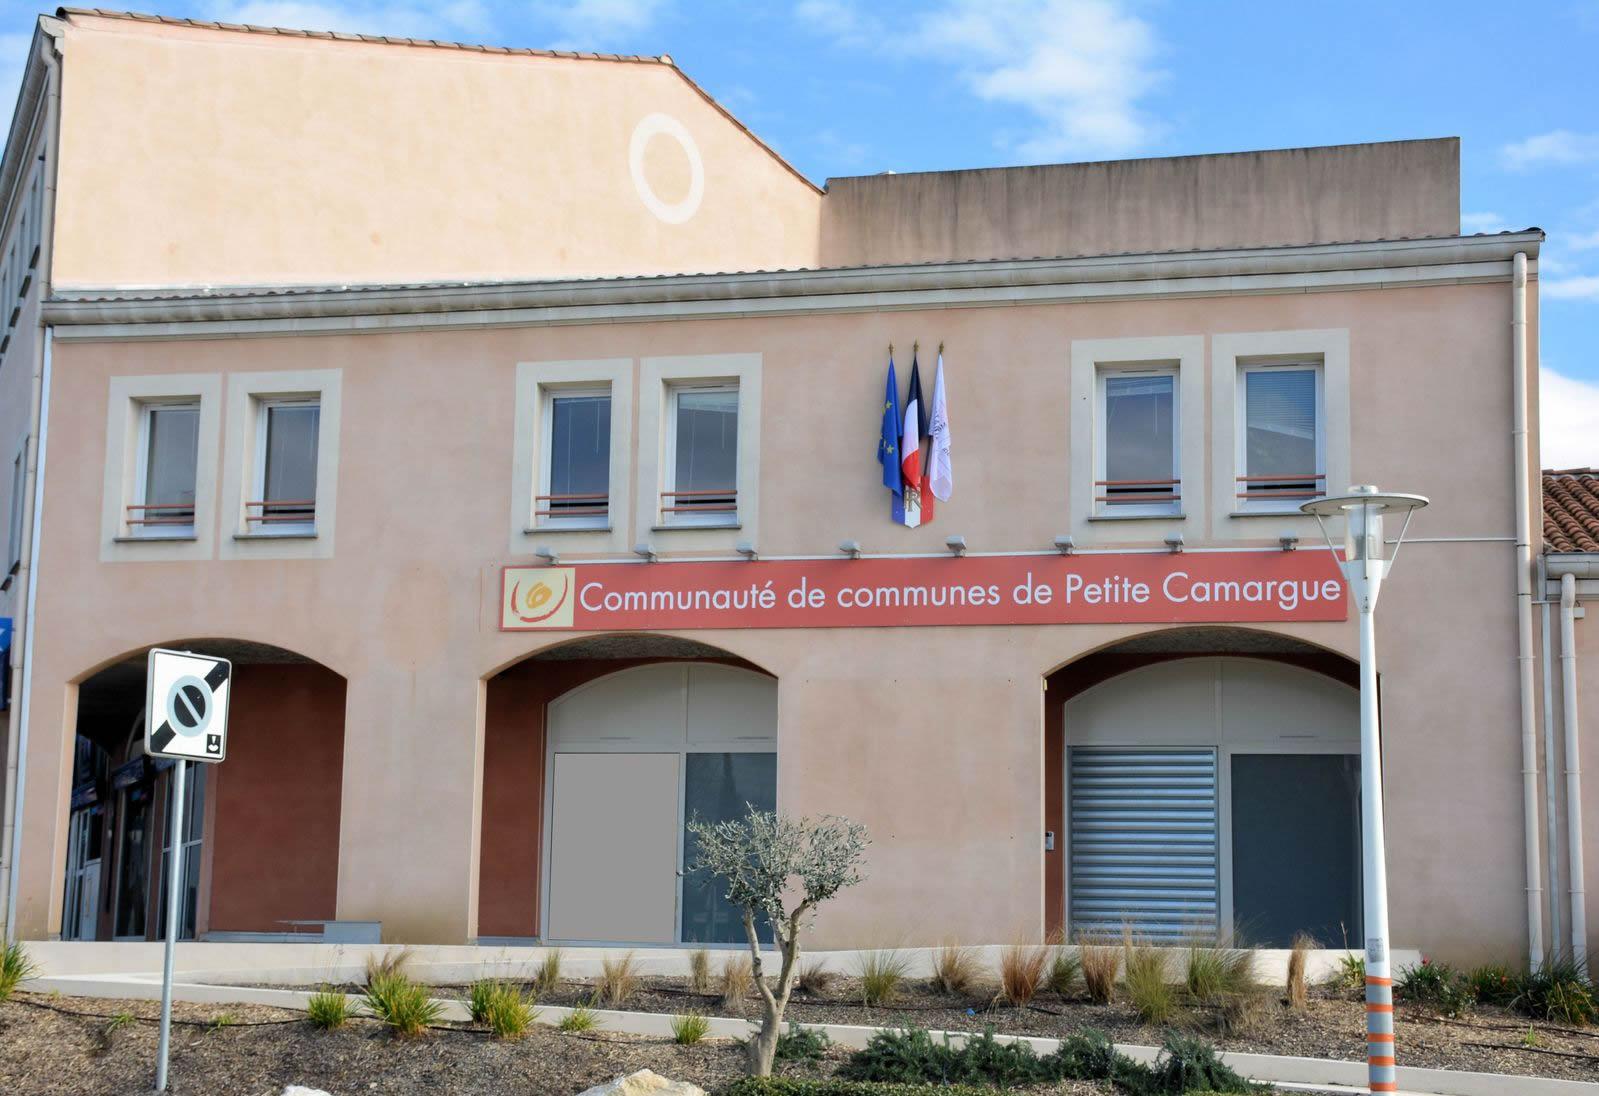 Maison de la justice et du droit camargue for Maison de camargue